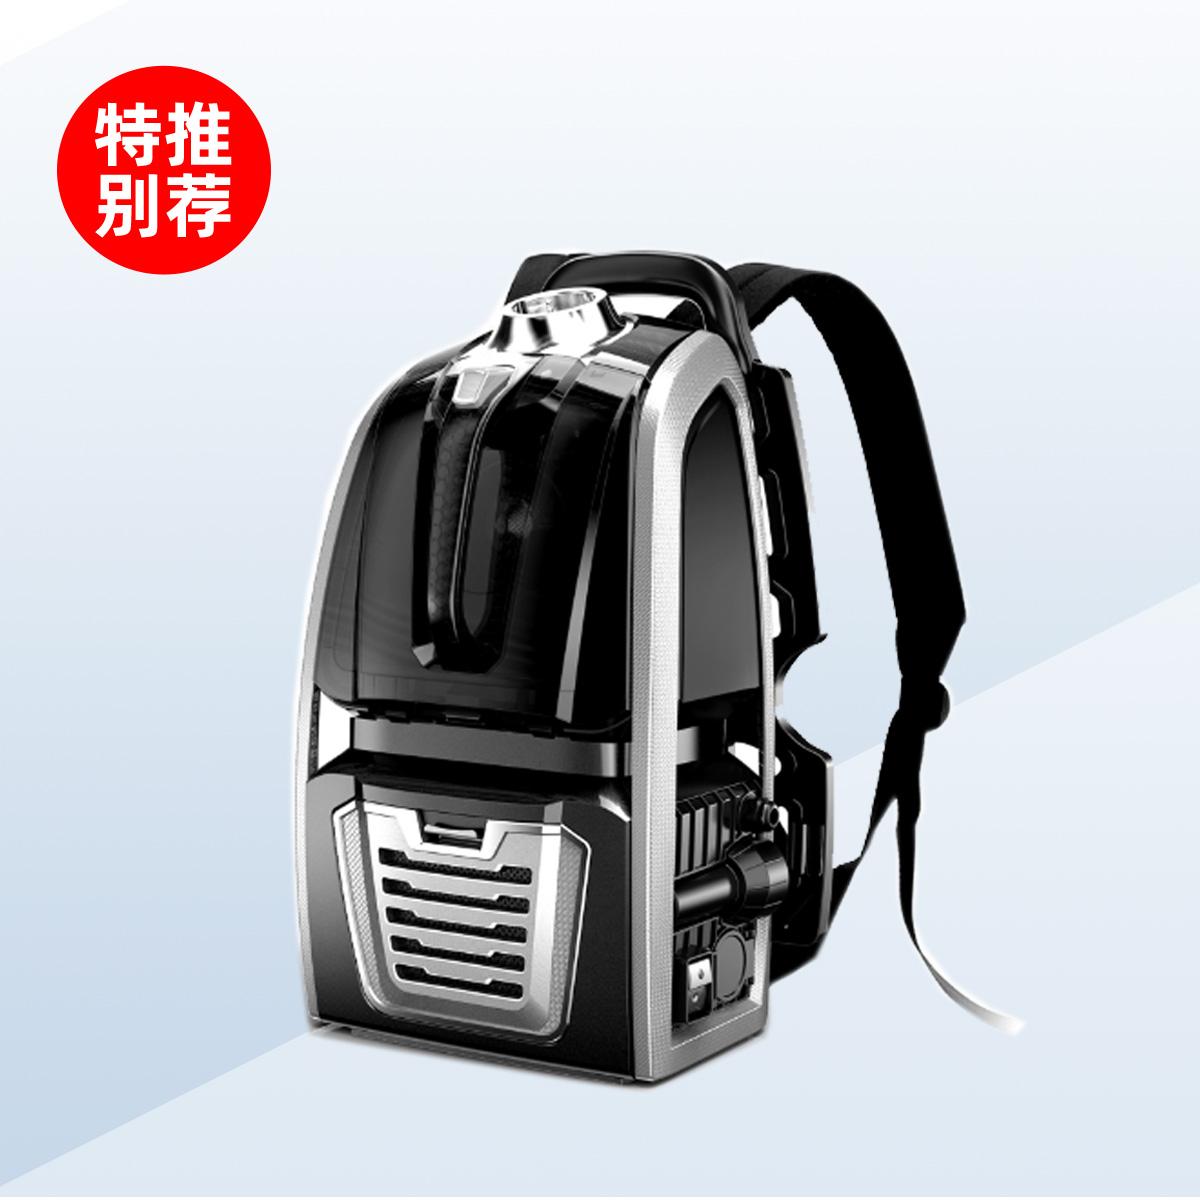 克力威JB61/61B电线肩背式吸尘器